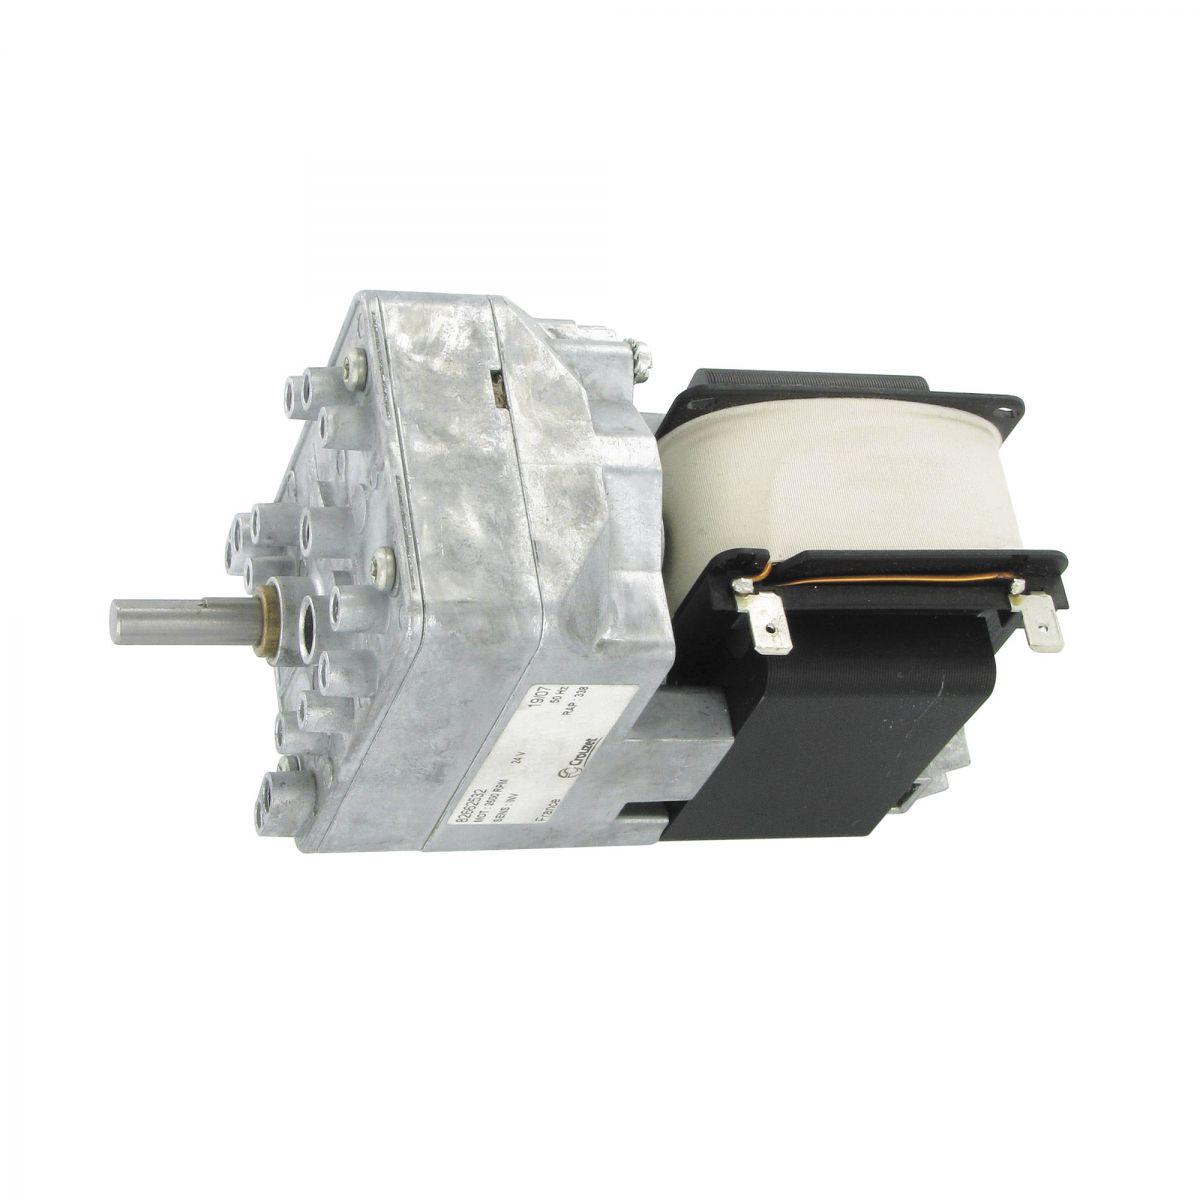 motor 24v ac 50hz nom 8upm links crouzet nr 82662532 geeignet fr fullwood